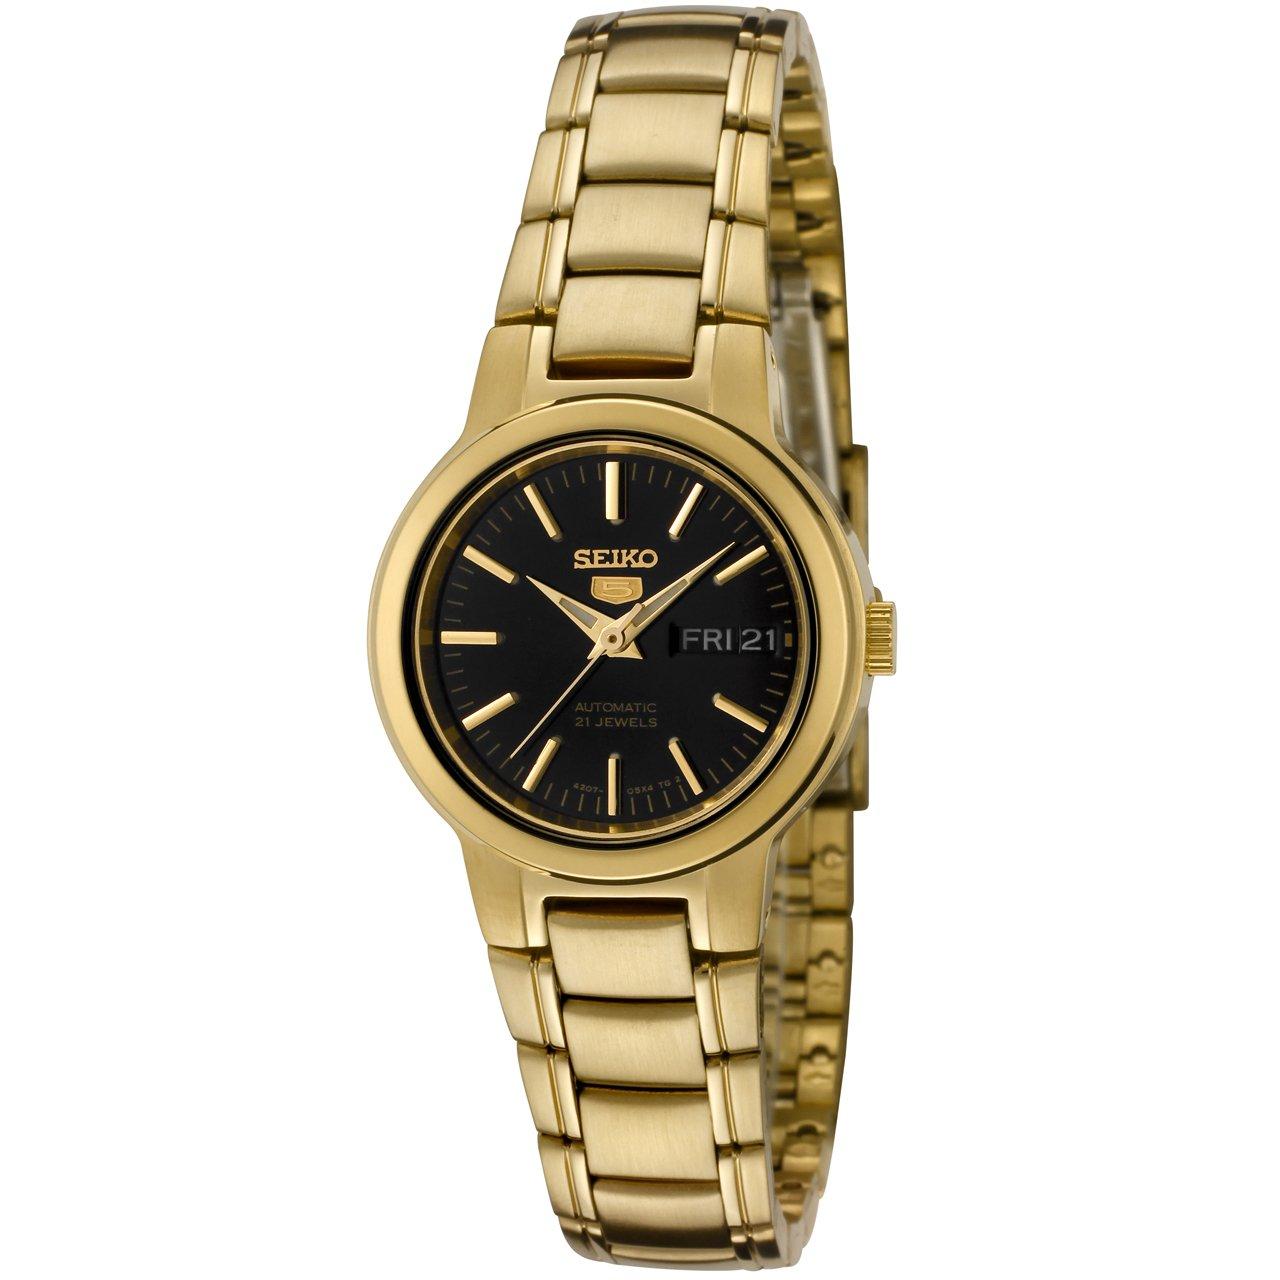 79a70f8ab Amazon.com: Seiko Women's SYME48 Seiko 5 Automatic Black Dial Gold-Tone  Stainless Steel Watch: Seiko: Watches